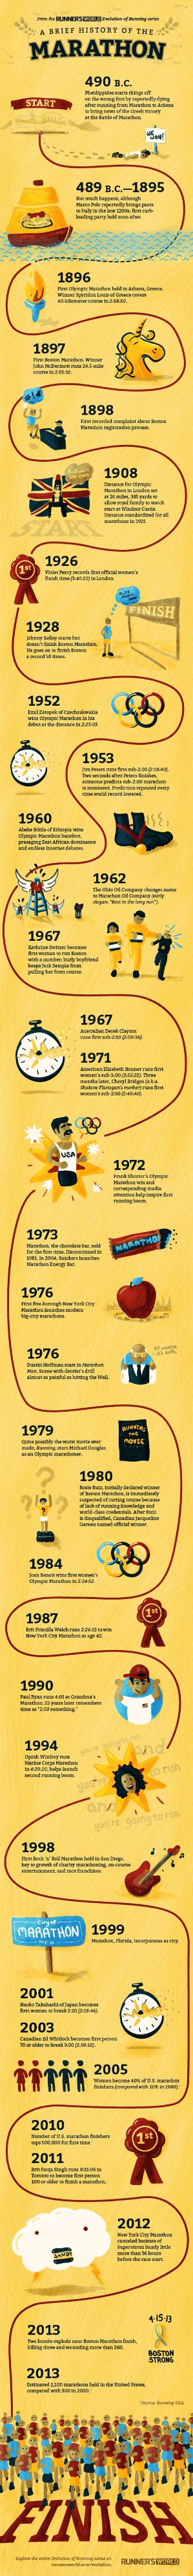 Historia del maraton infogra